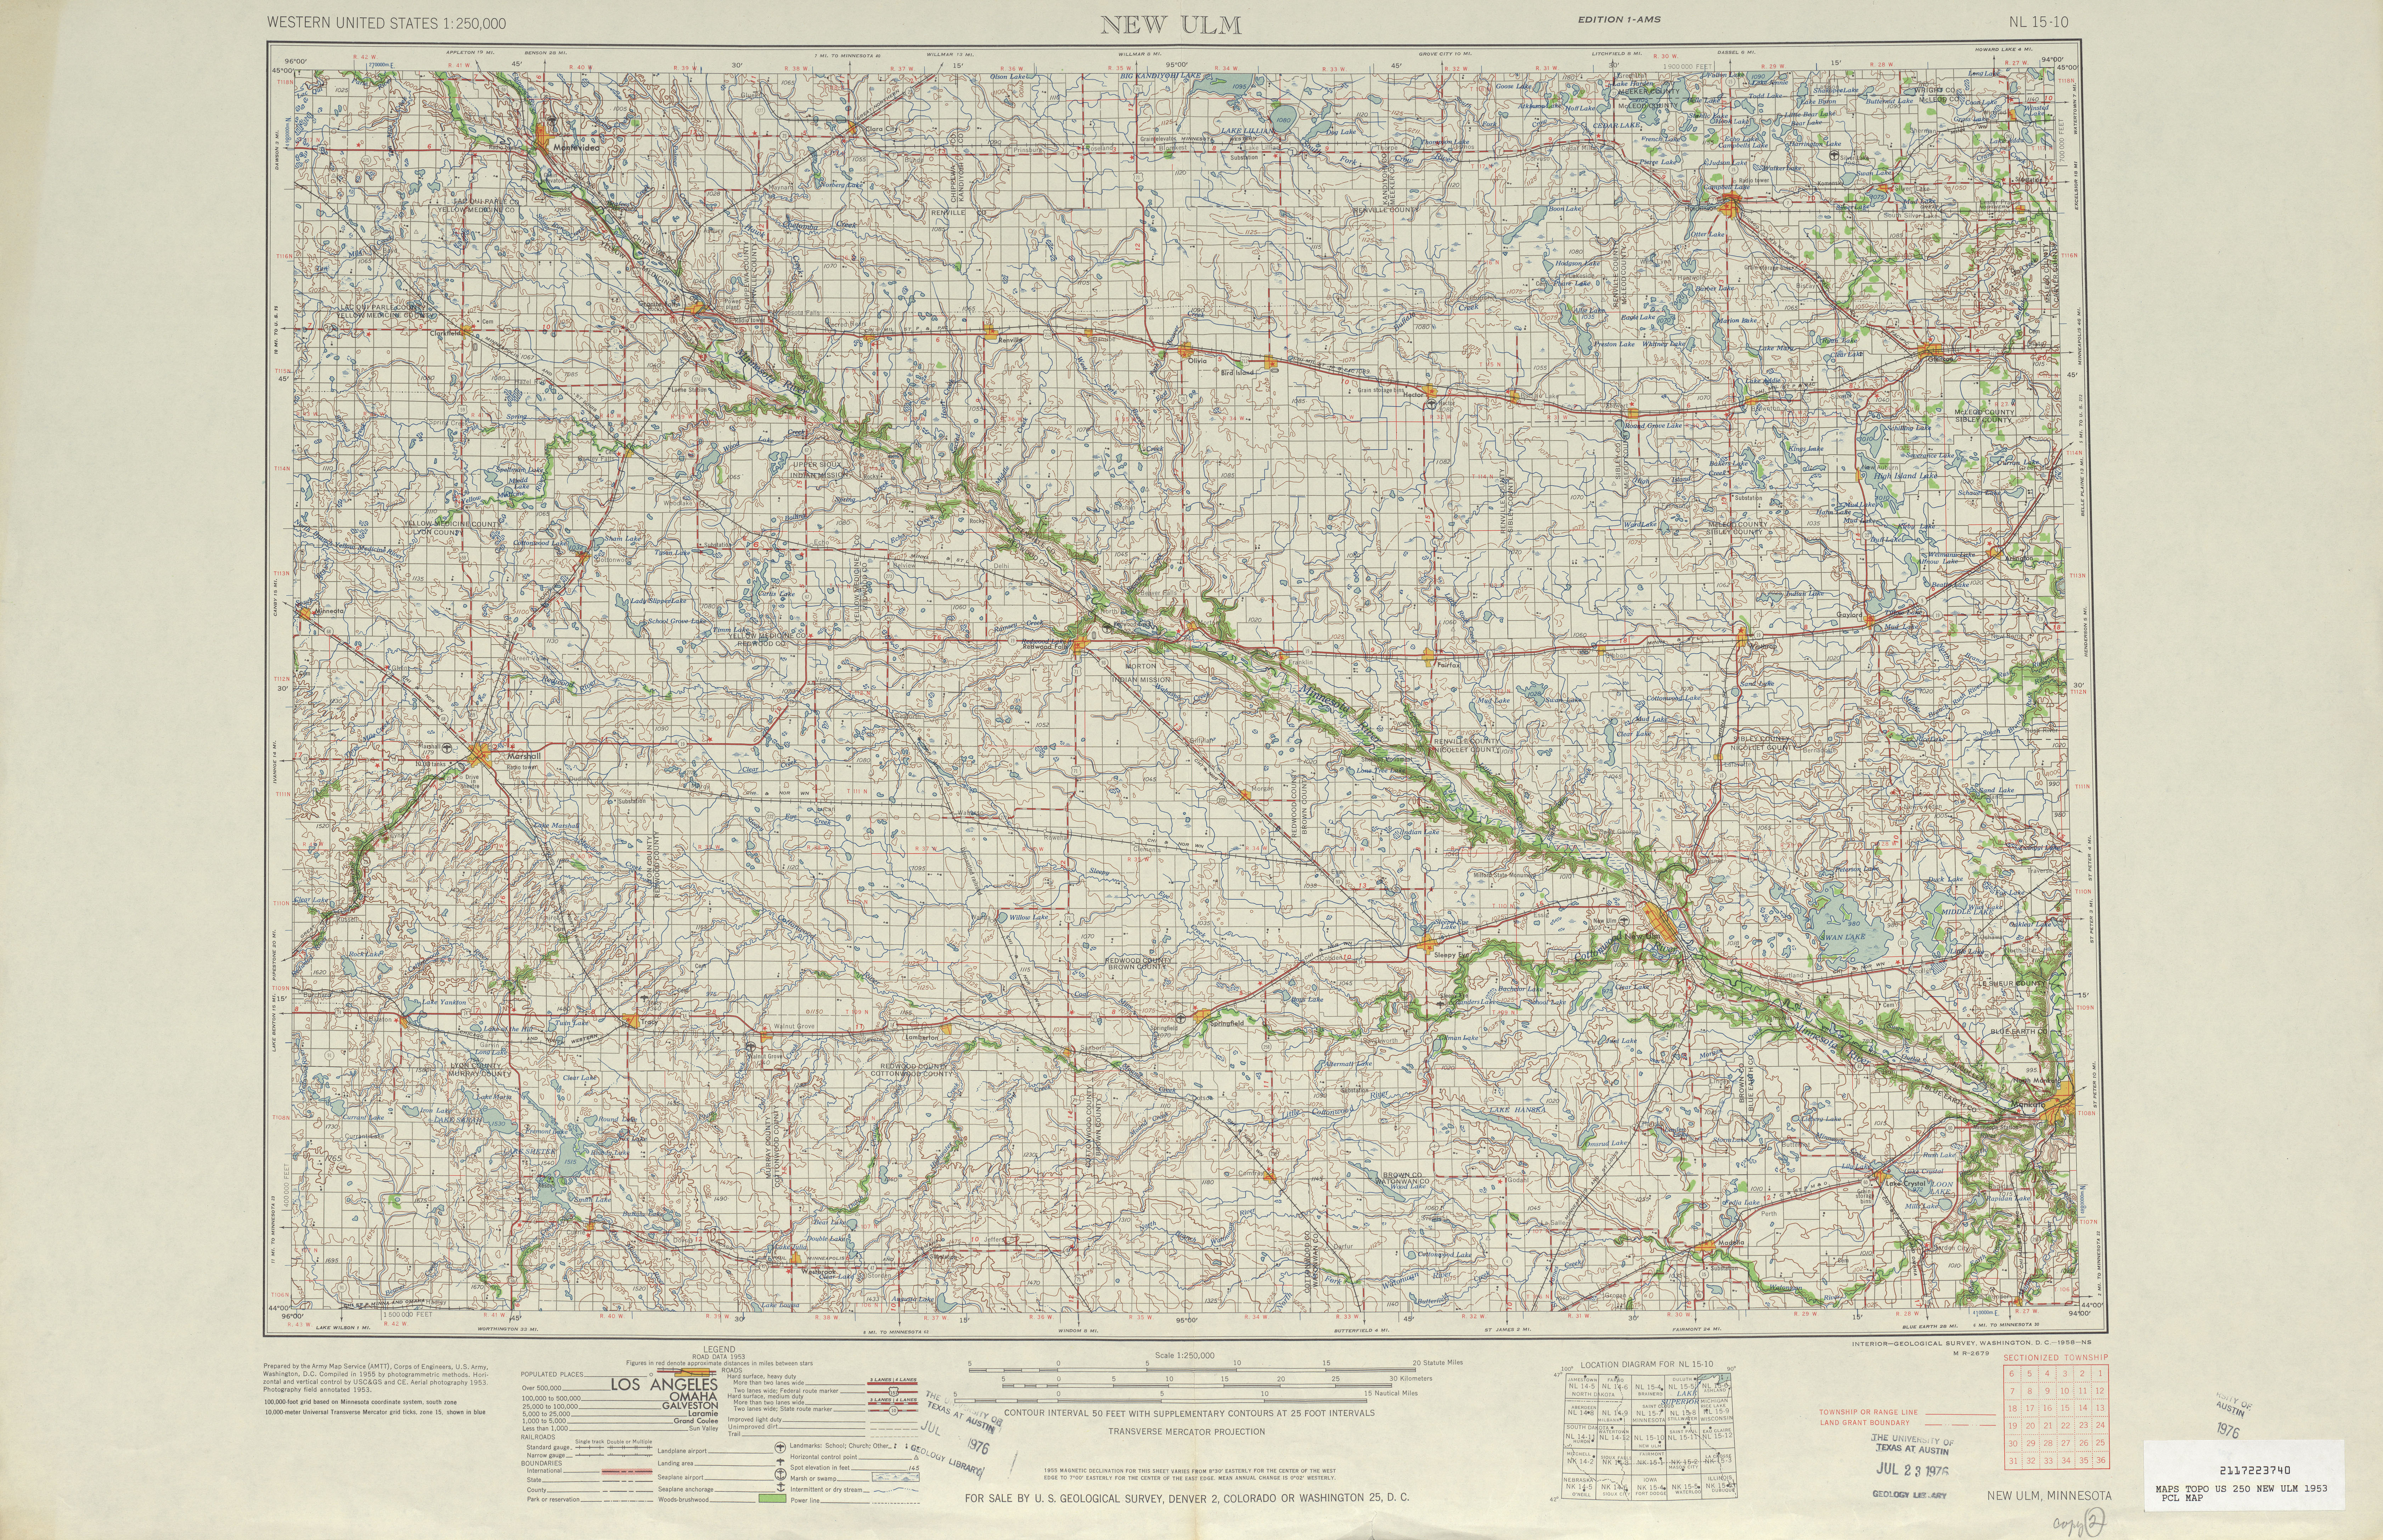 Hoja New Ulm del Mapa Topográfico de los Estados Unidos 1953